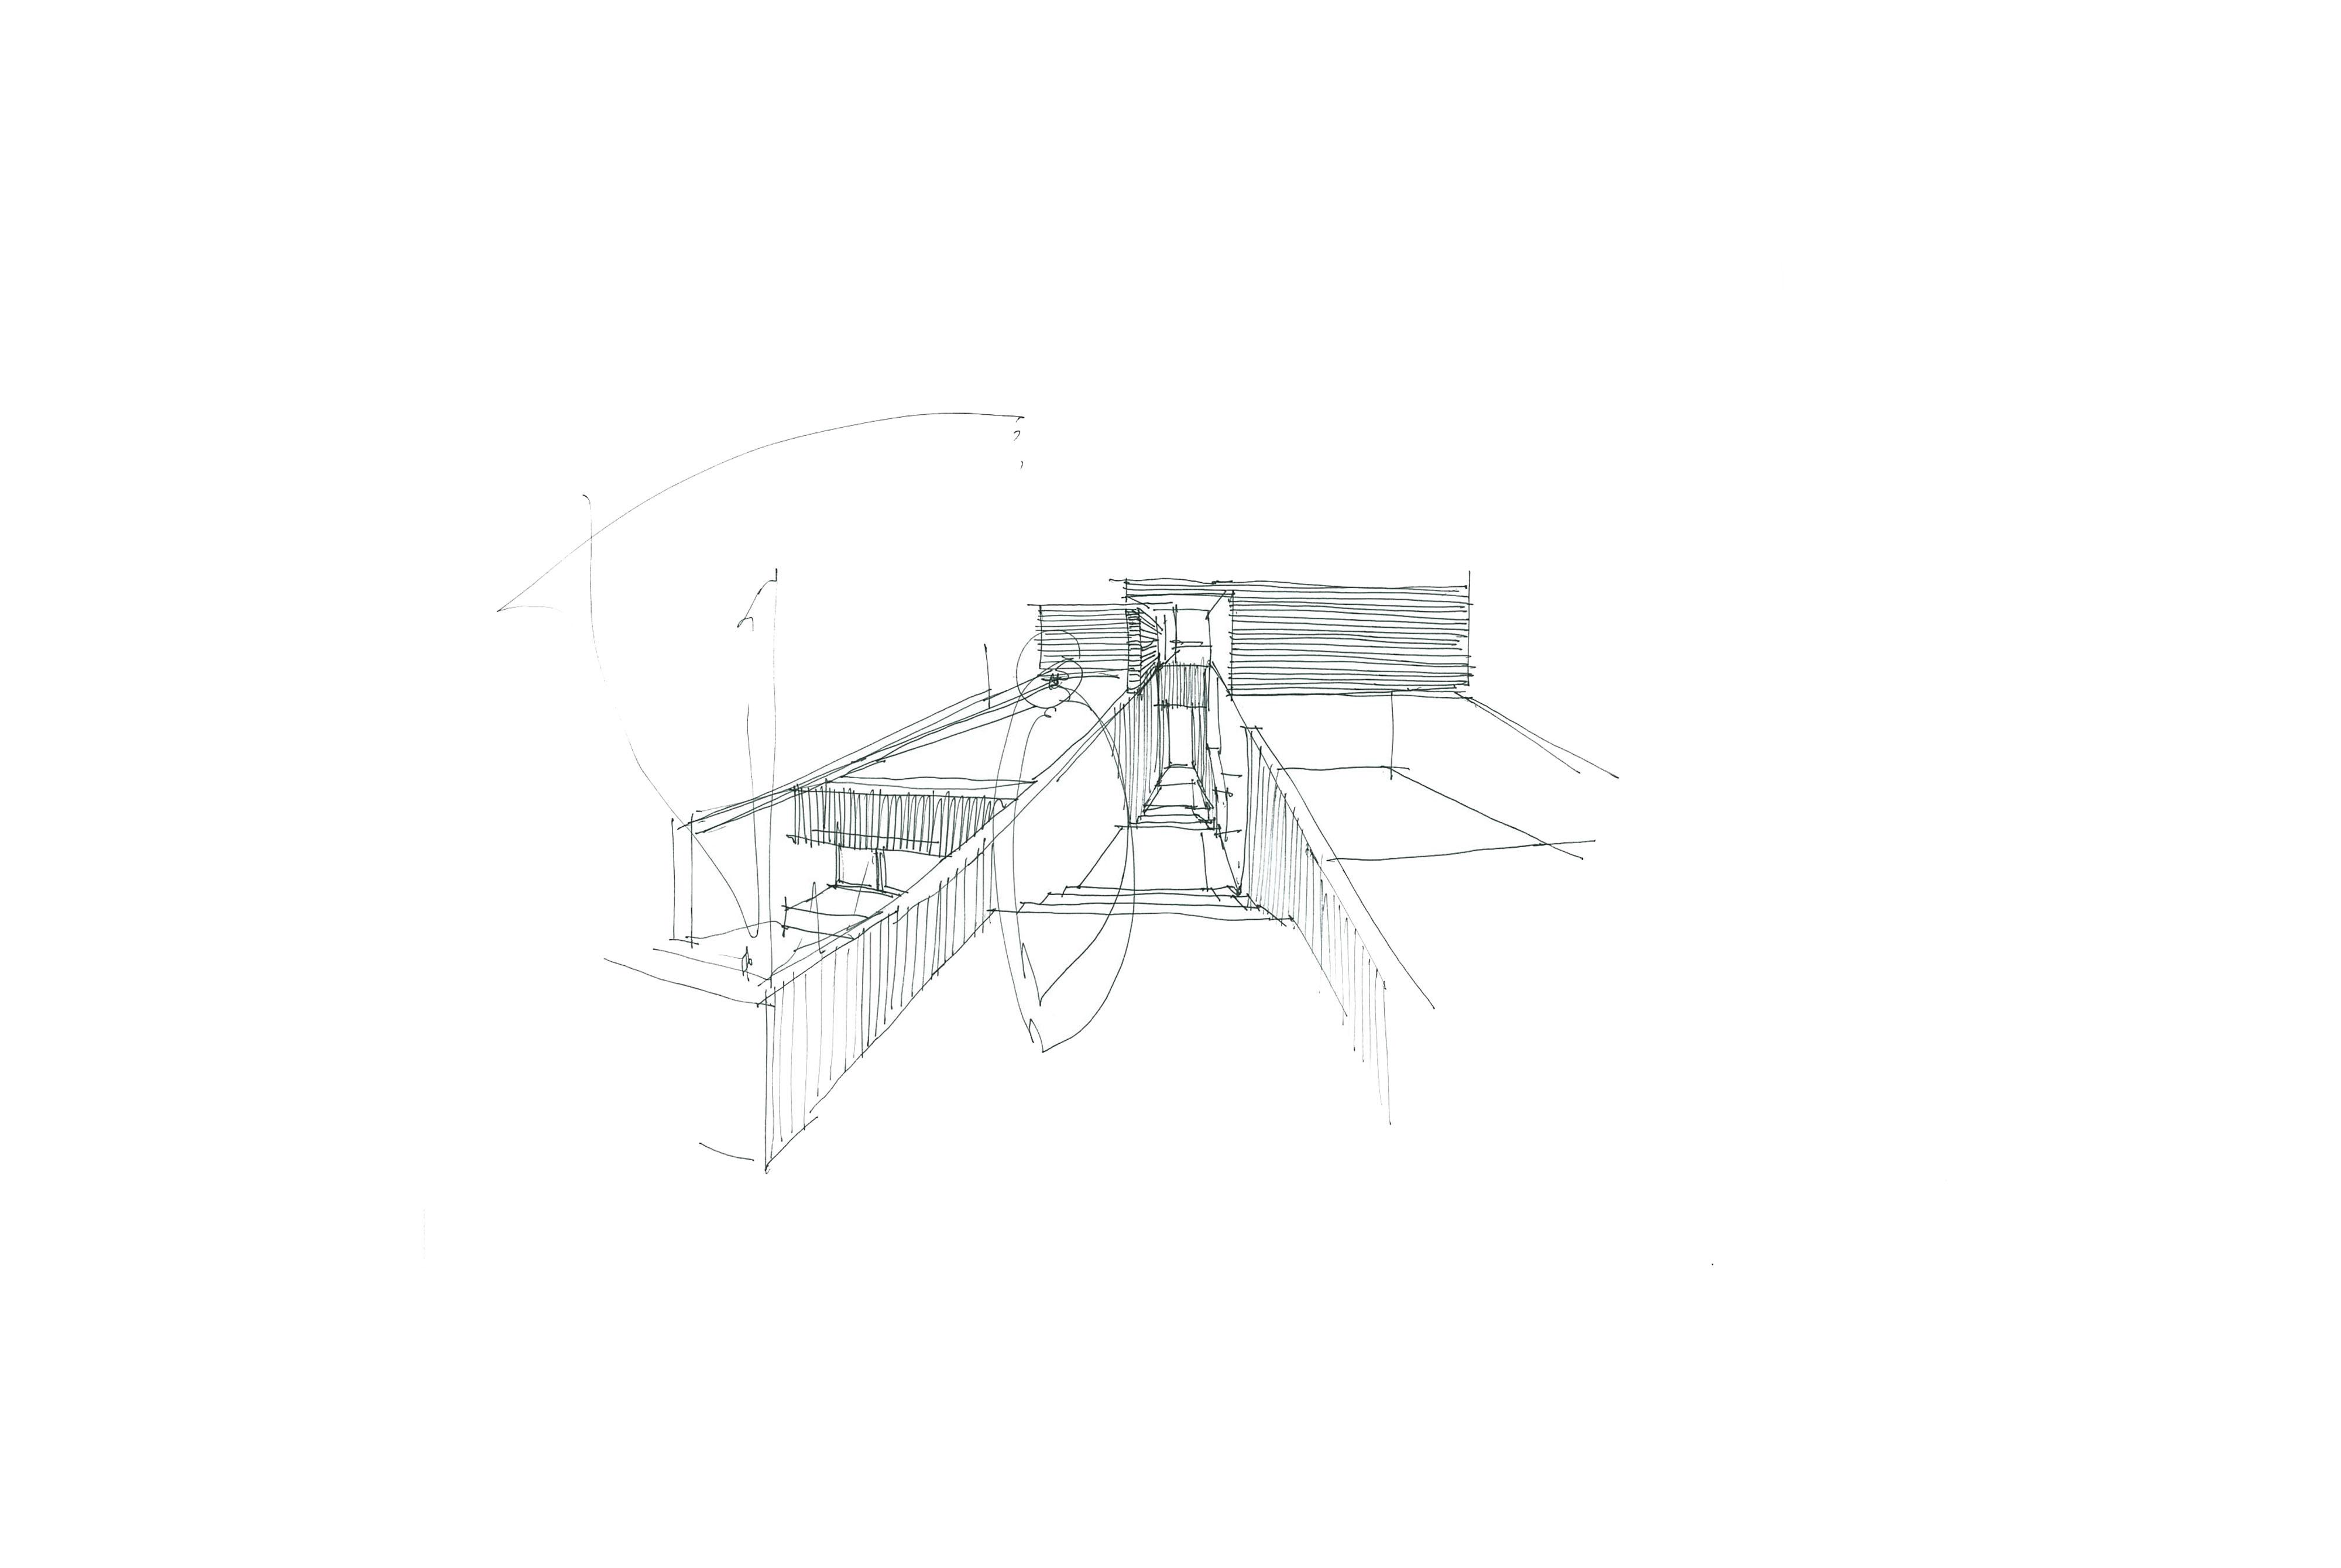 Arquitectura Arquitetura Arquitecto Arquiteto Casa Moradia Architecture Architect Sintra House Housing desenho esquissos sketch